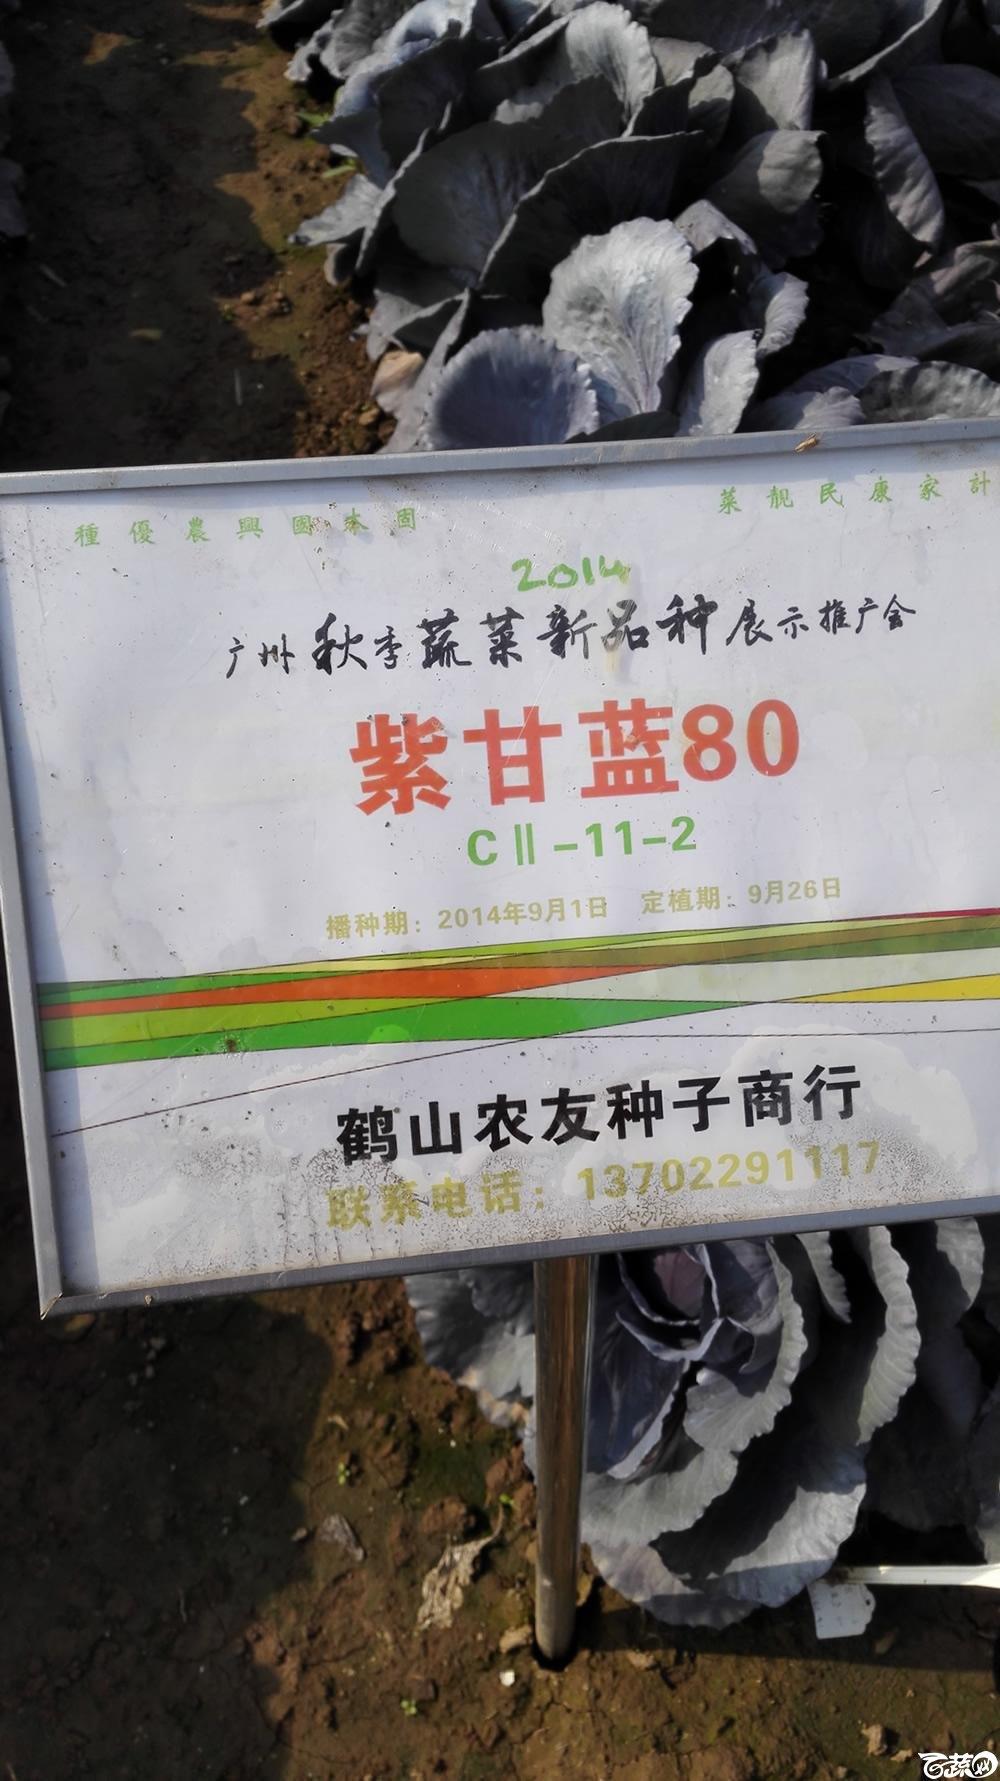 2014年12月10号广州市农科院南沙秋季蔬菜新品种展示会 甘蓝_118.jpg